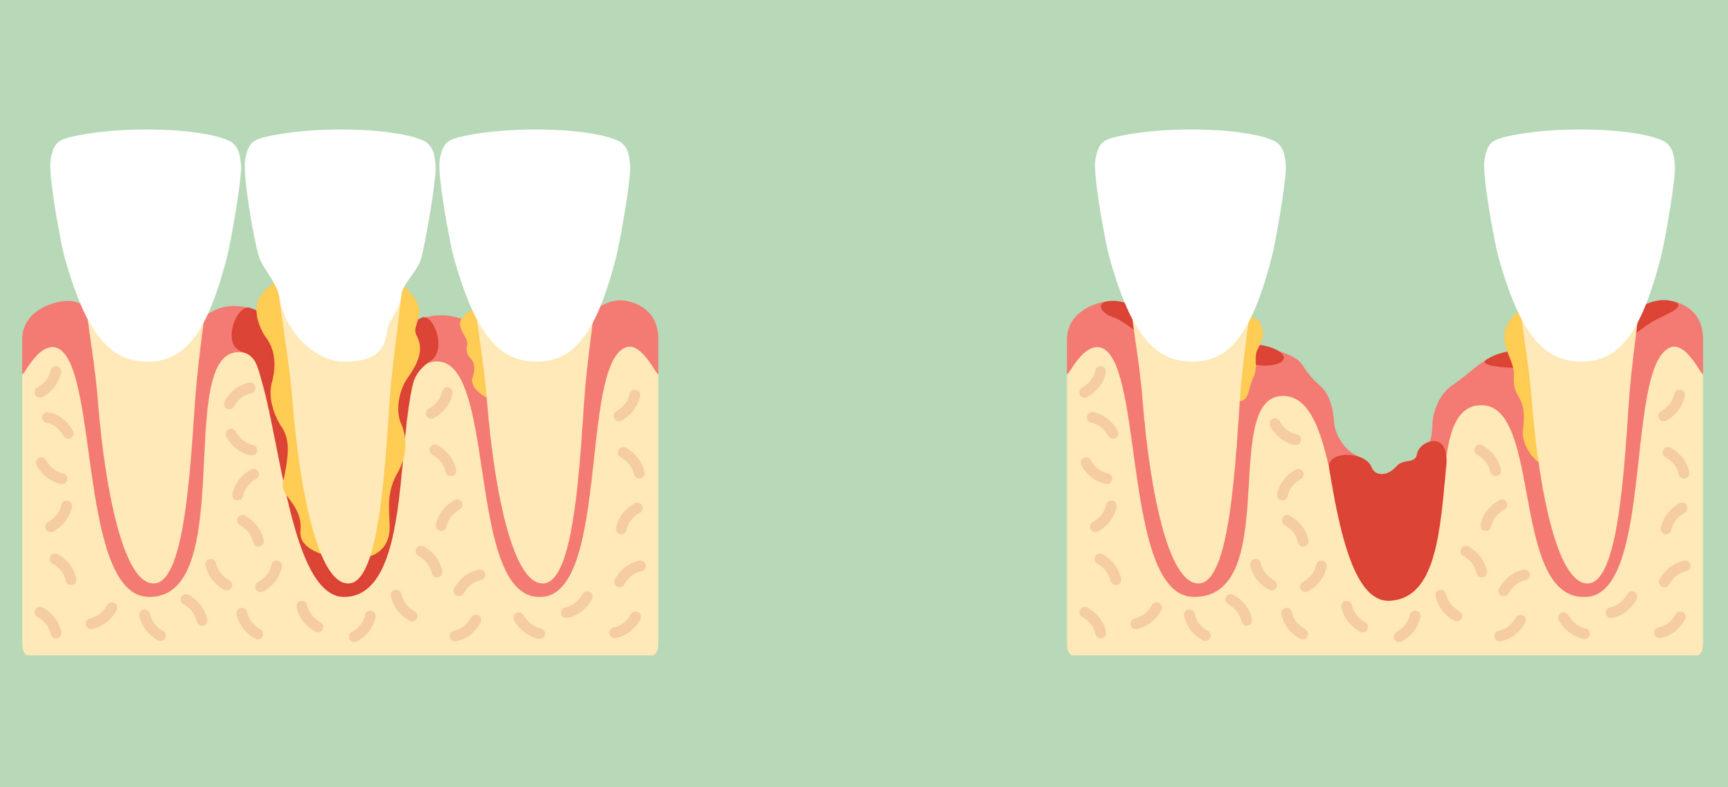 Все еще чувствуется удаление зуба? Определяем симптомы осложнений